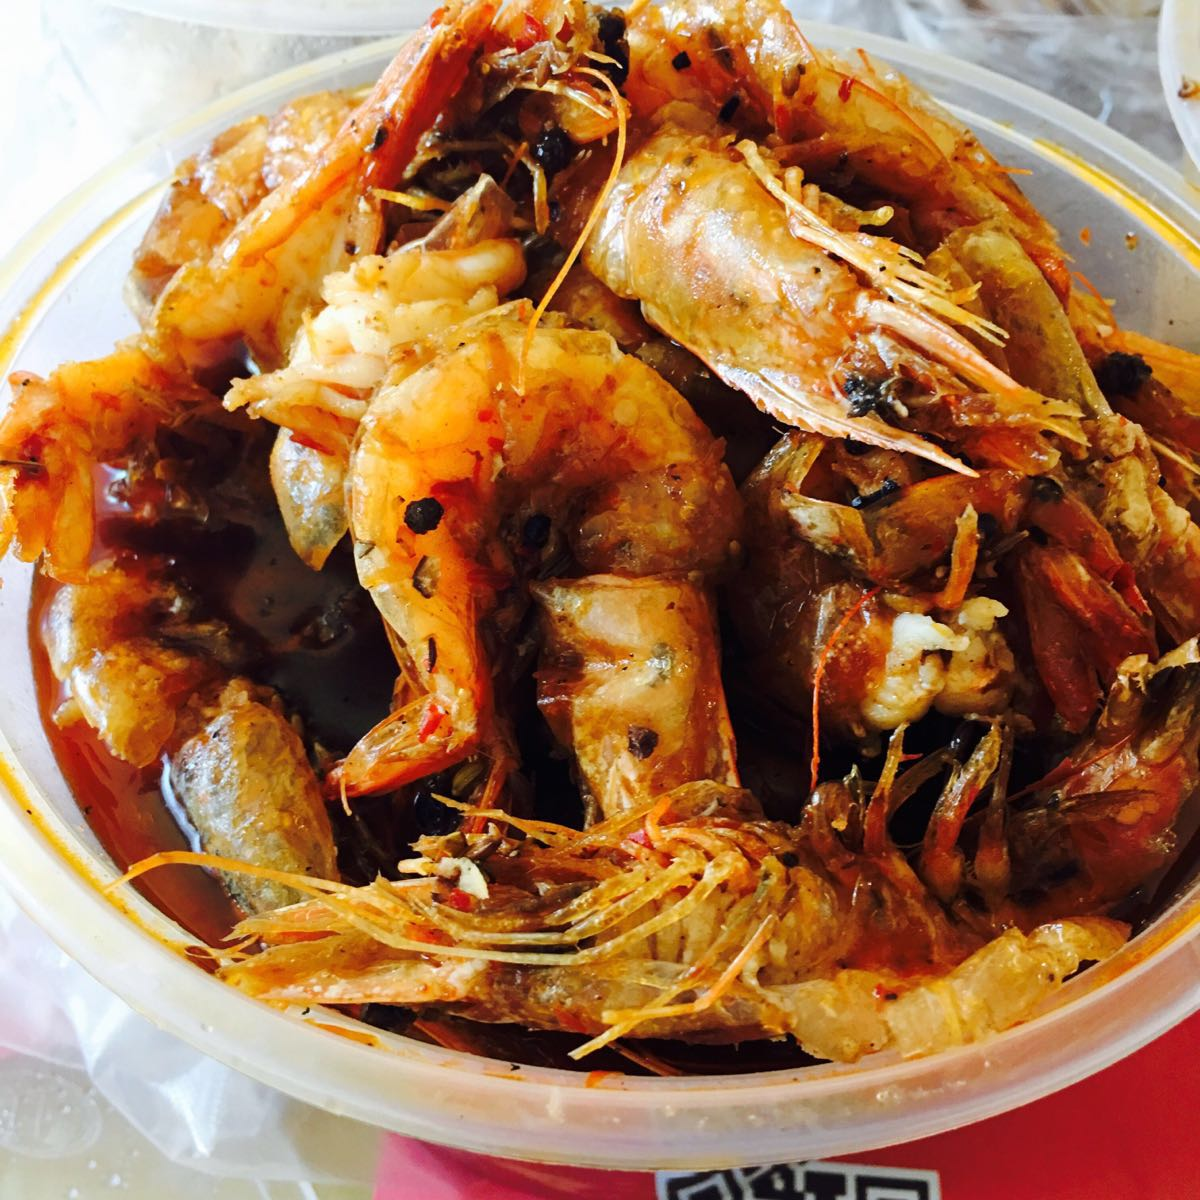 出游                                  阿田大虾  先吃虾再涮别的涮图片